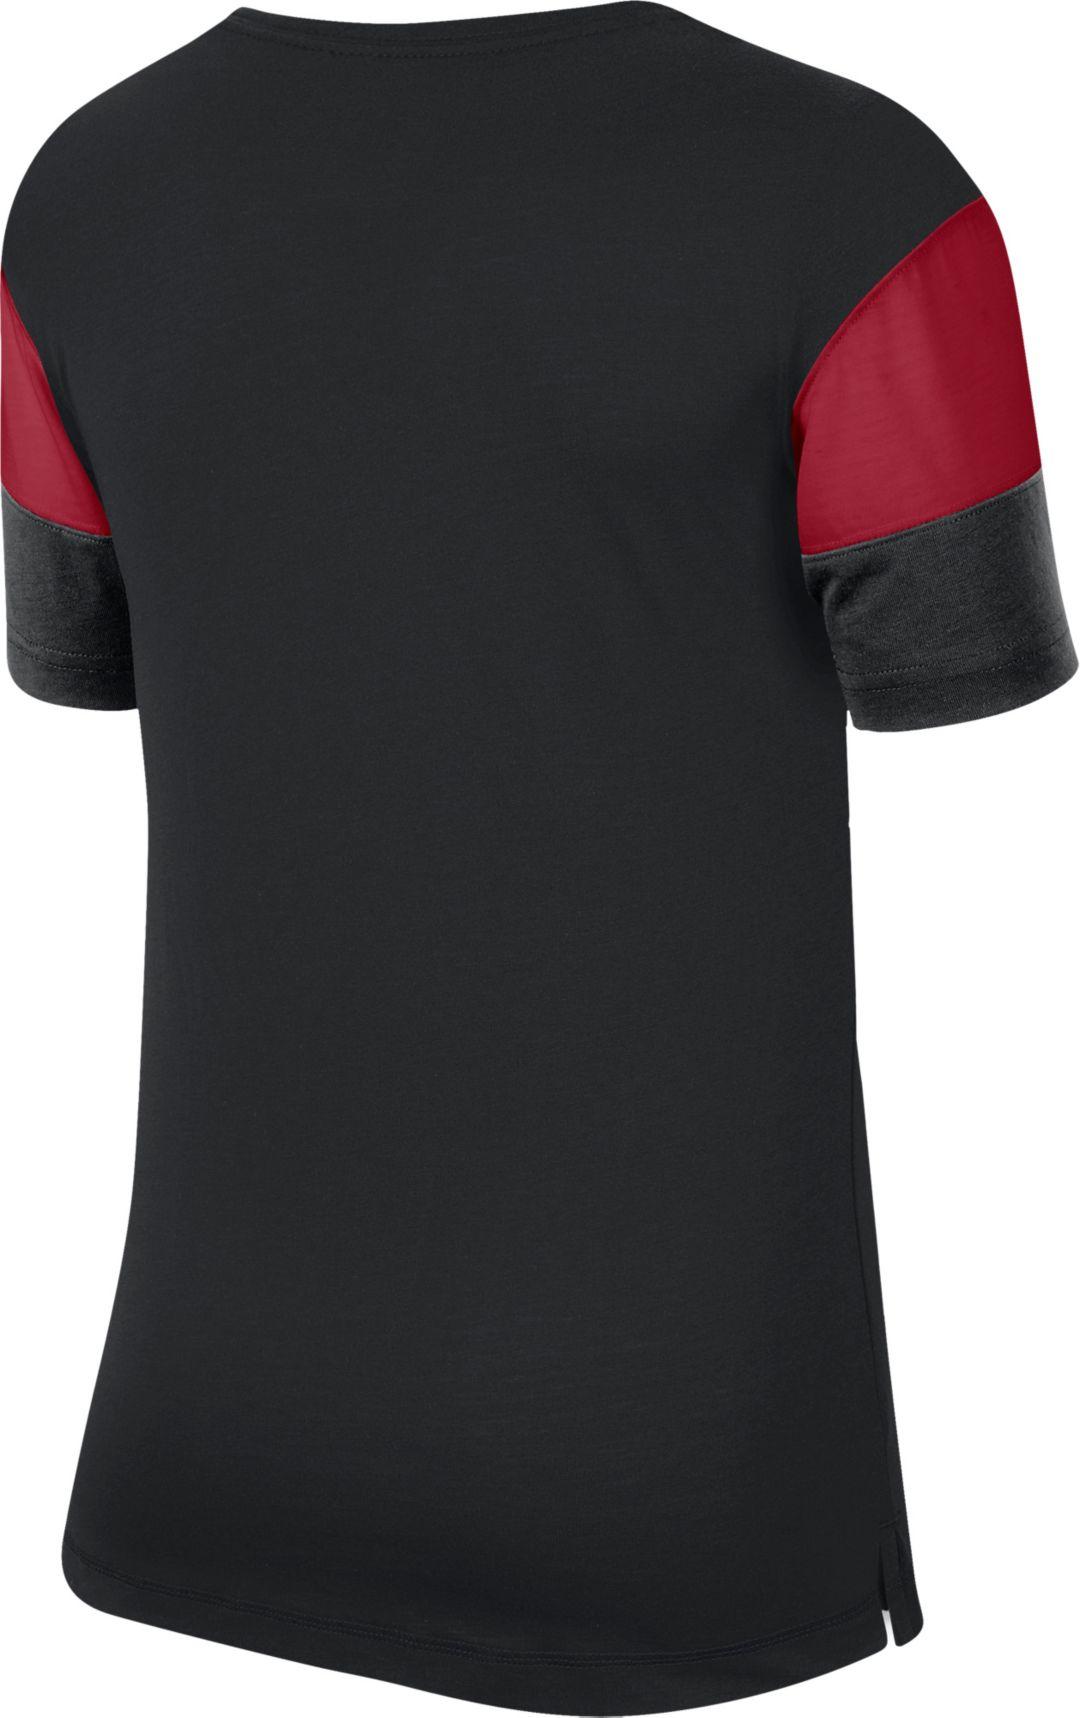 17acf15f Nike Women's Atlanta Falcons Breathe Black V-Neck T-Shirt